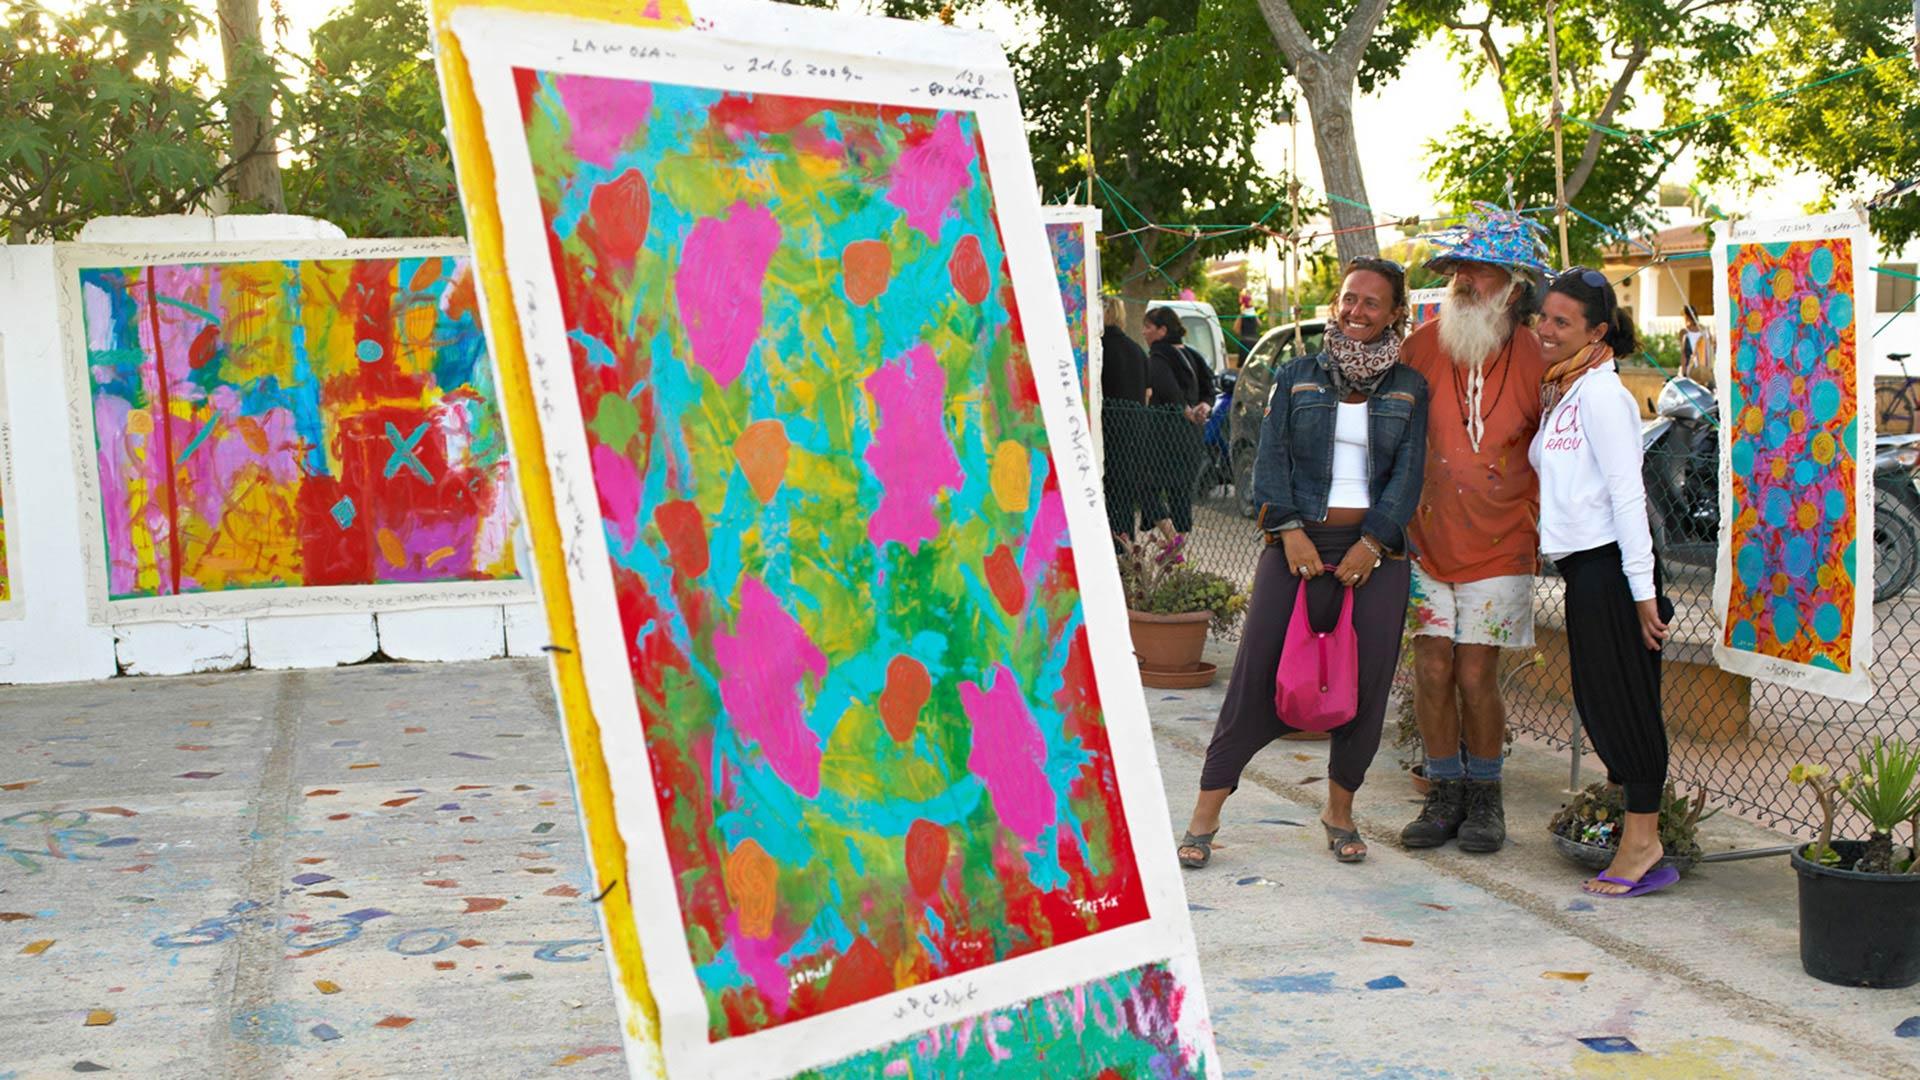 Imagen Mercat artesanal Hippy Market de La Mola